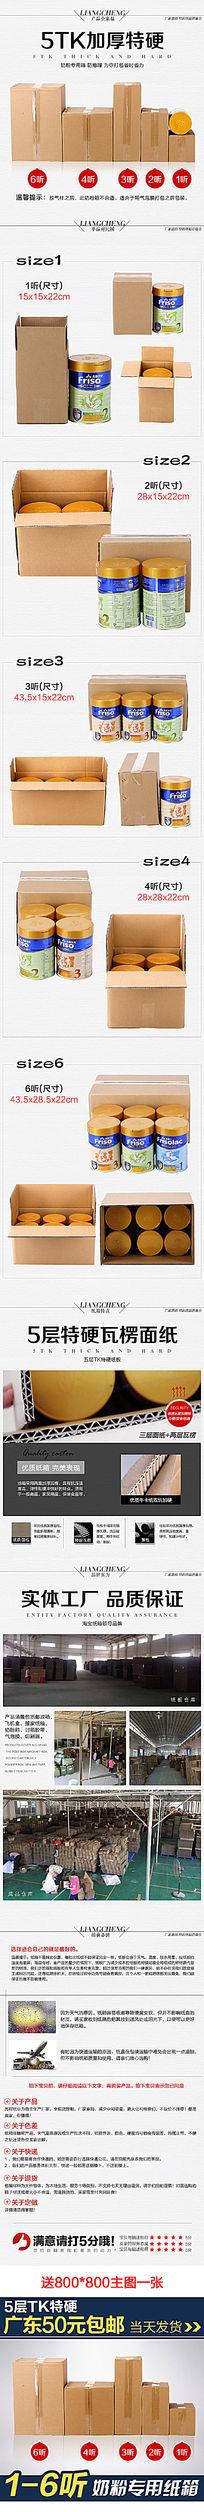 淘宝5款规格牛奶专用纸箱详情页